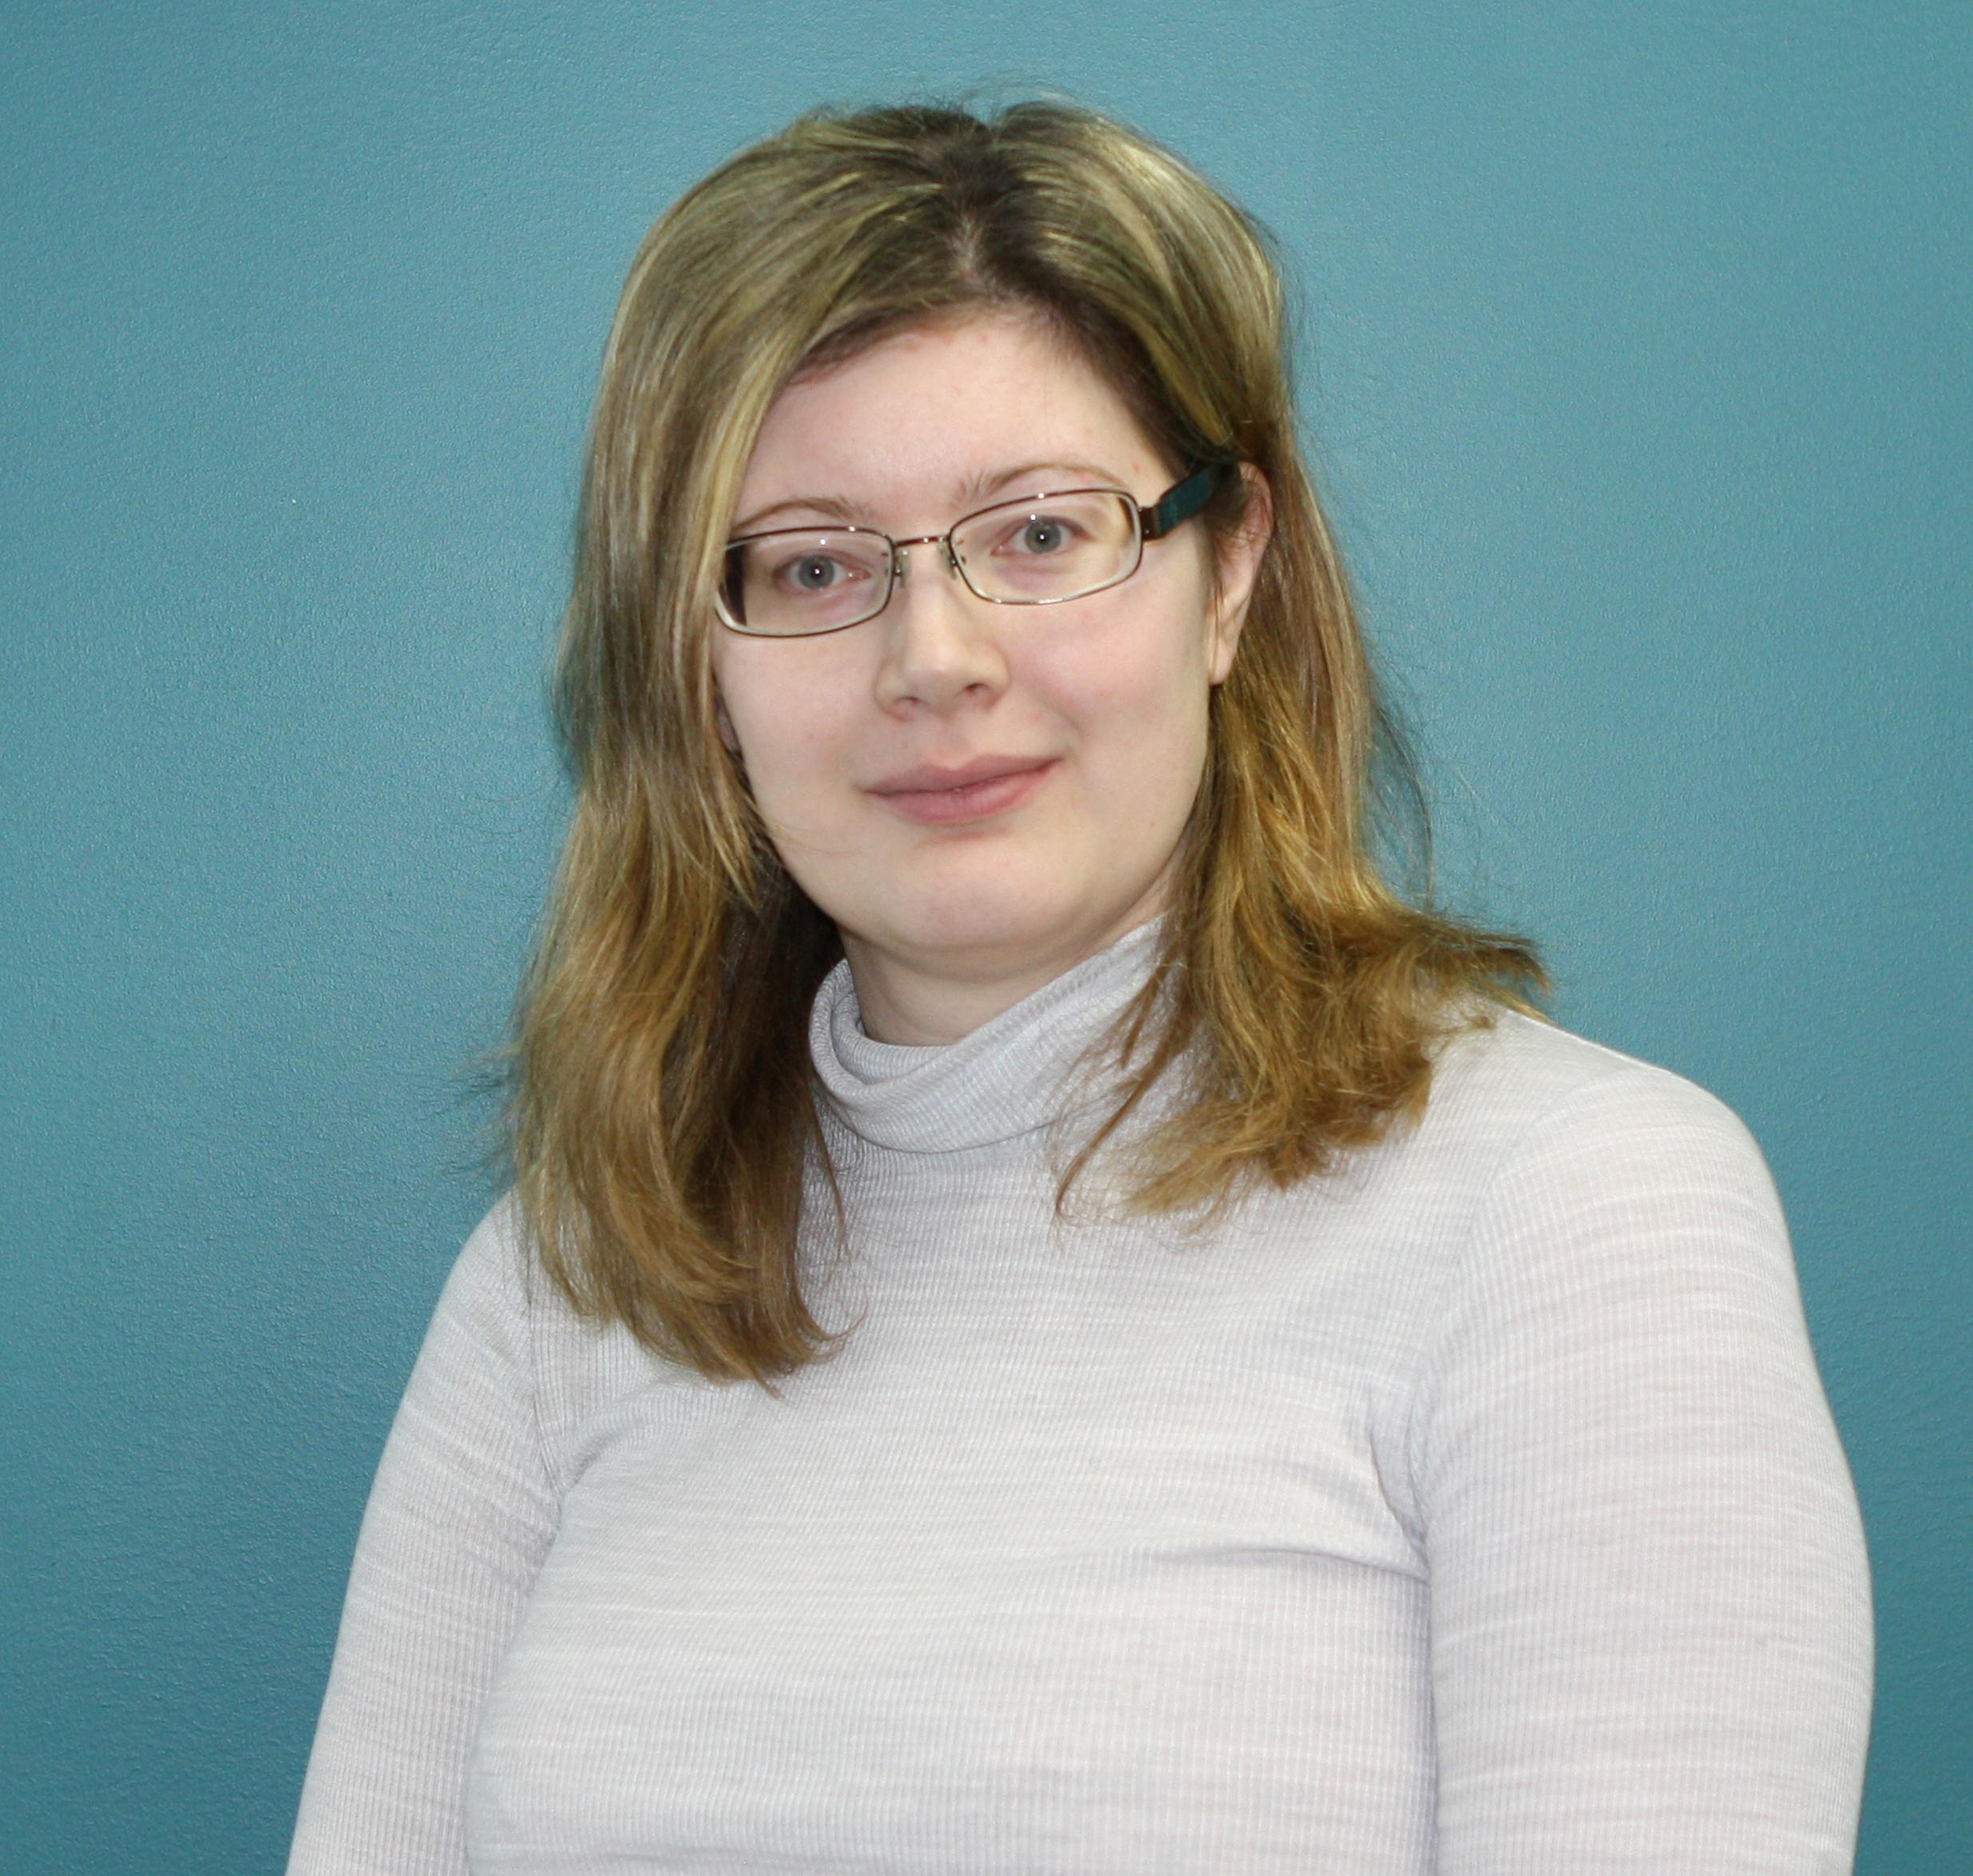 Audra Kotowski